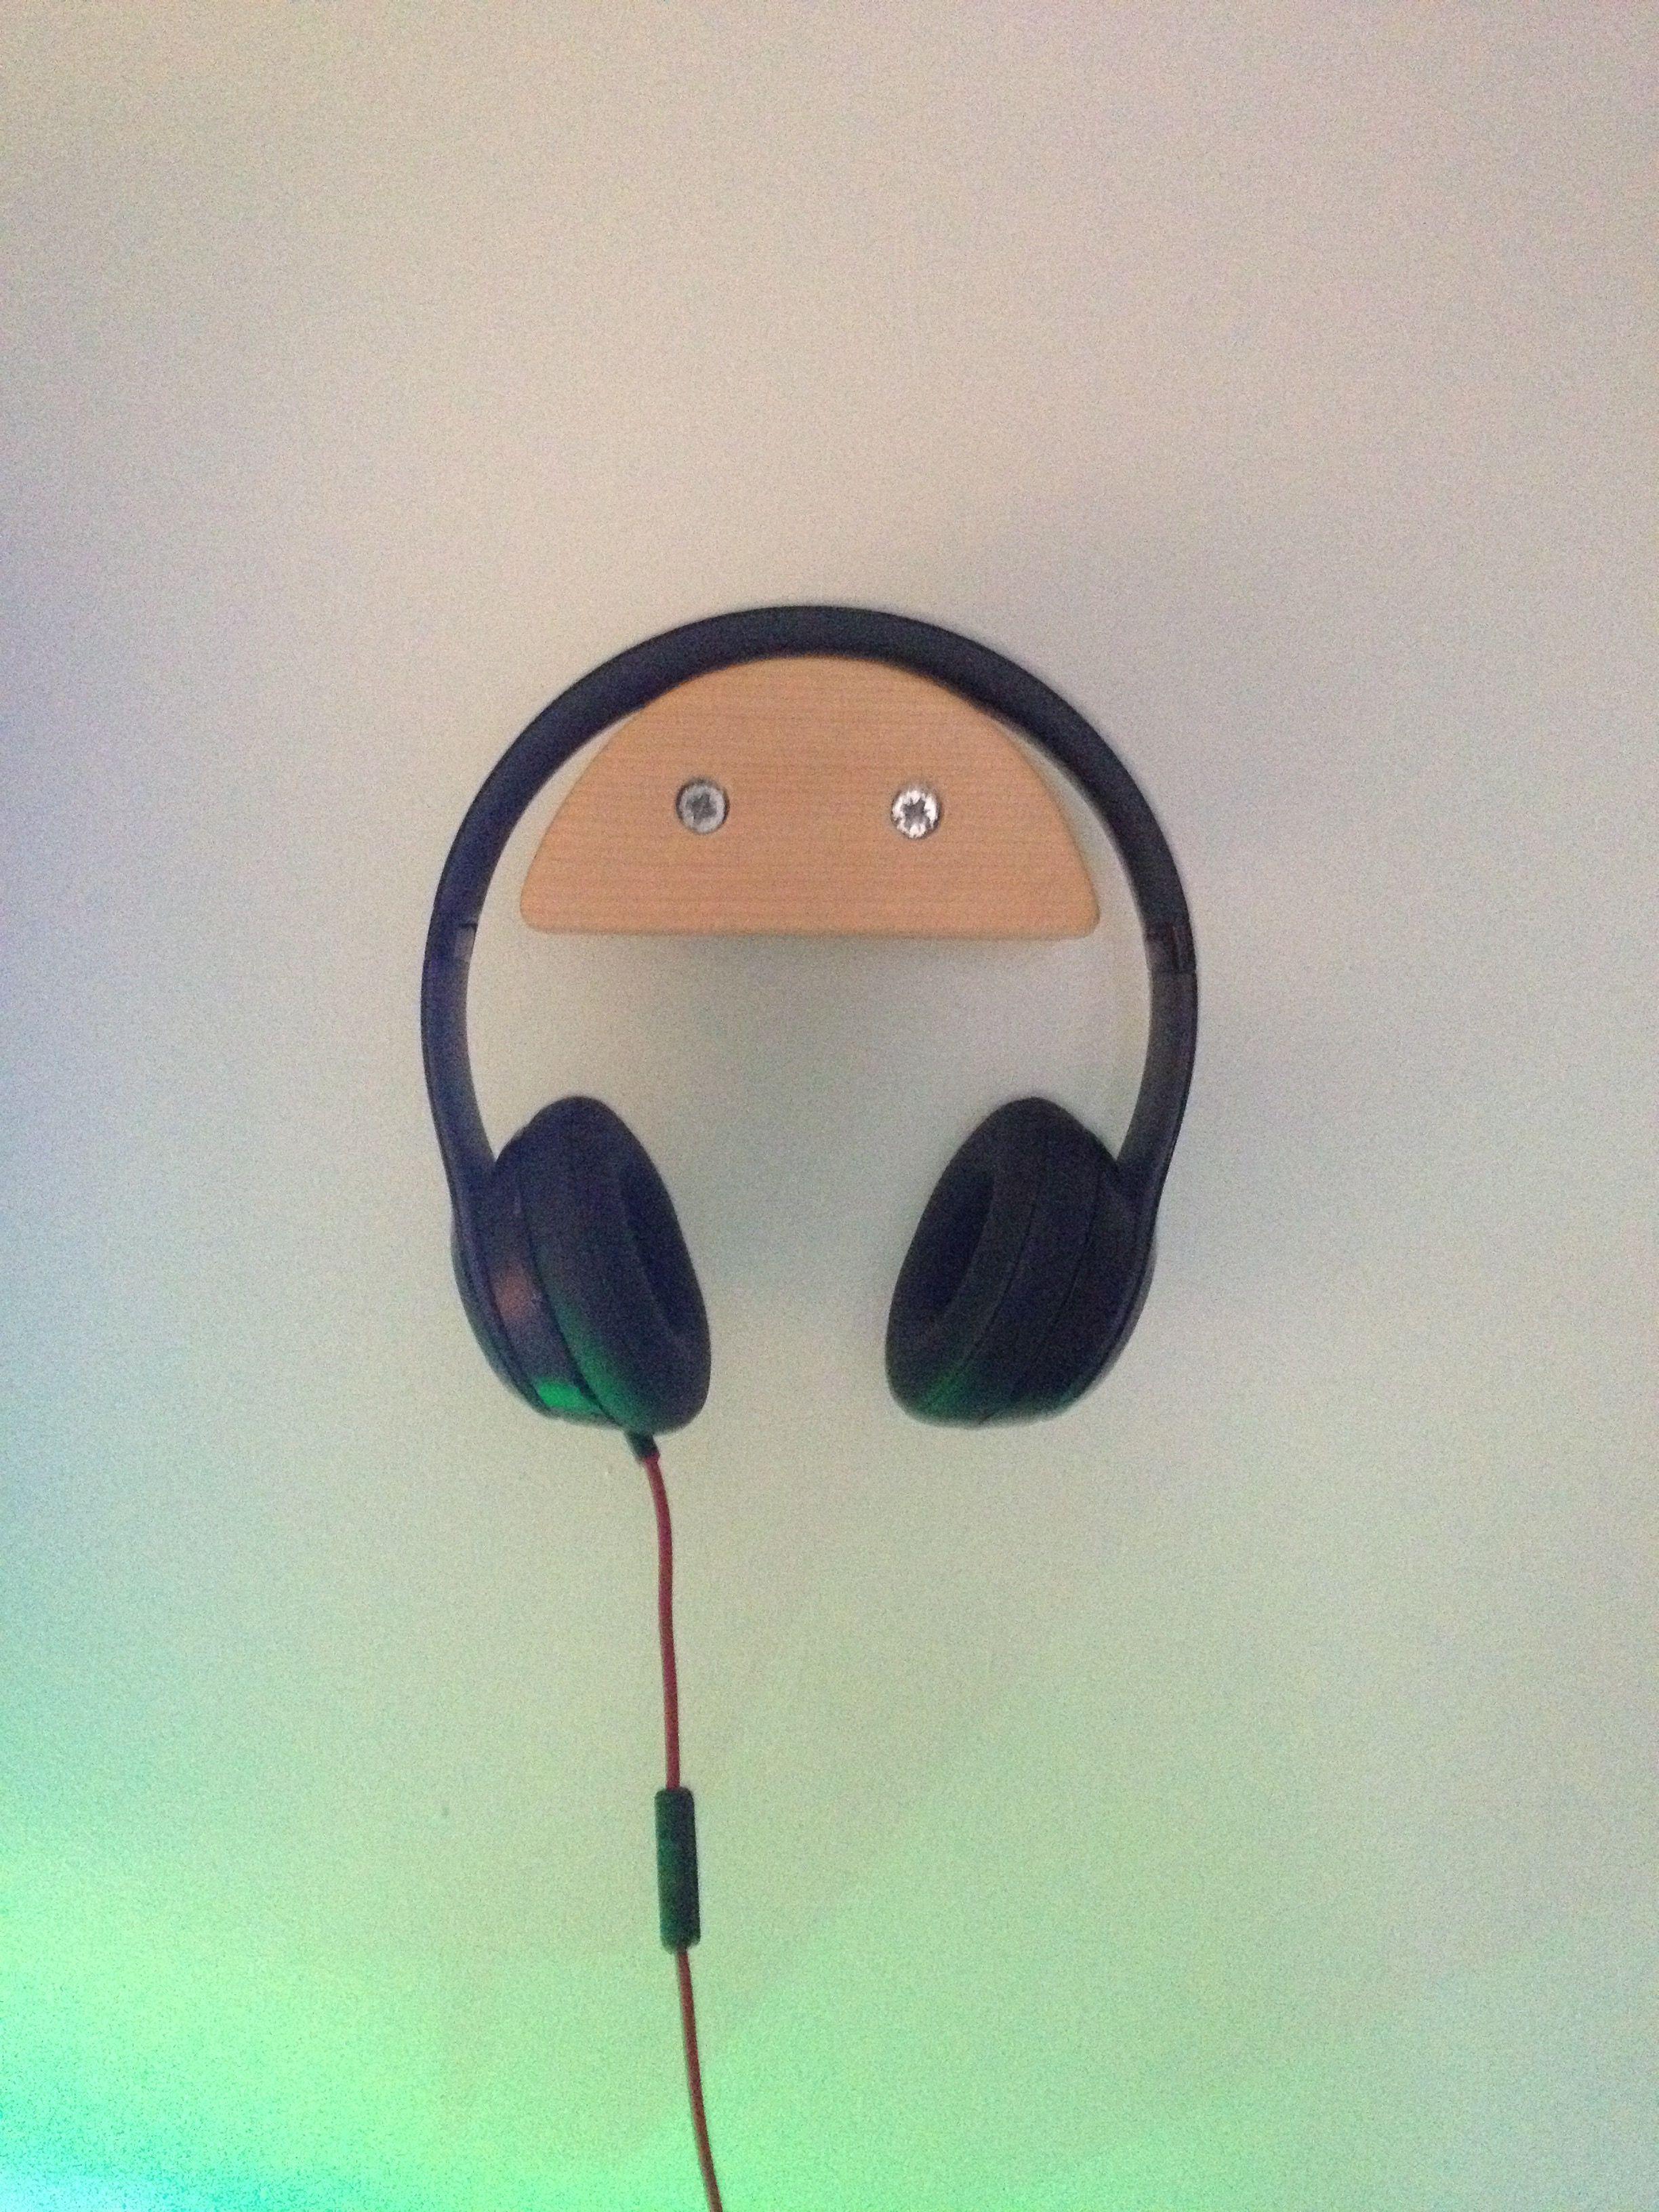 Wall Mounted Headphone Stand Cool Diy Ideen Diy Paletten